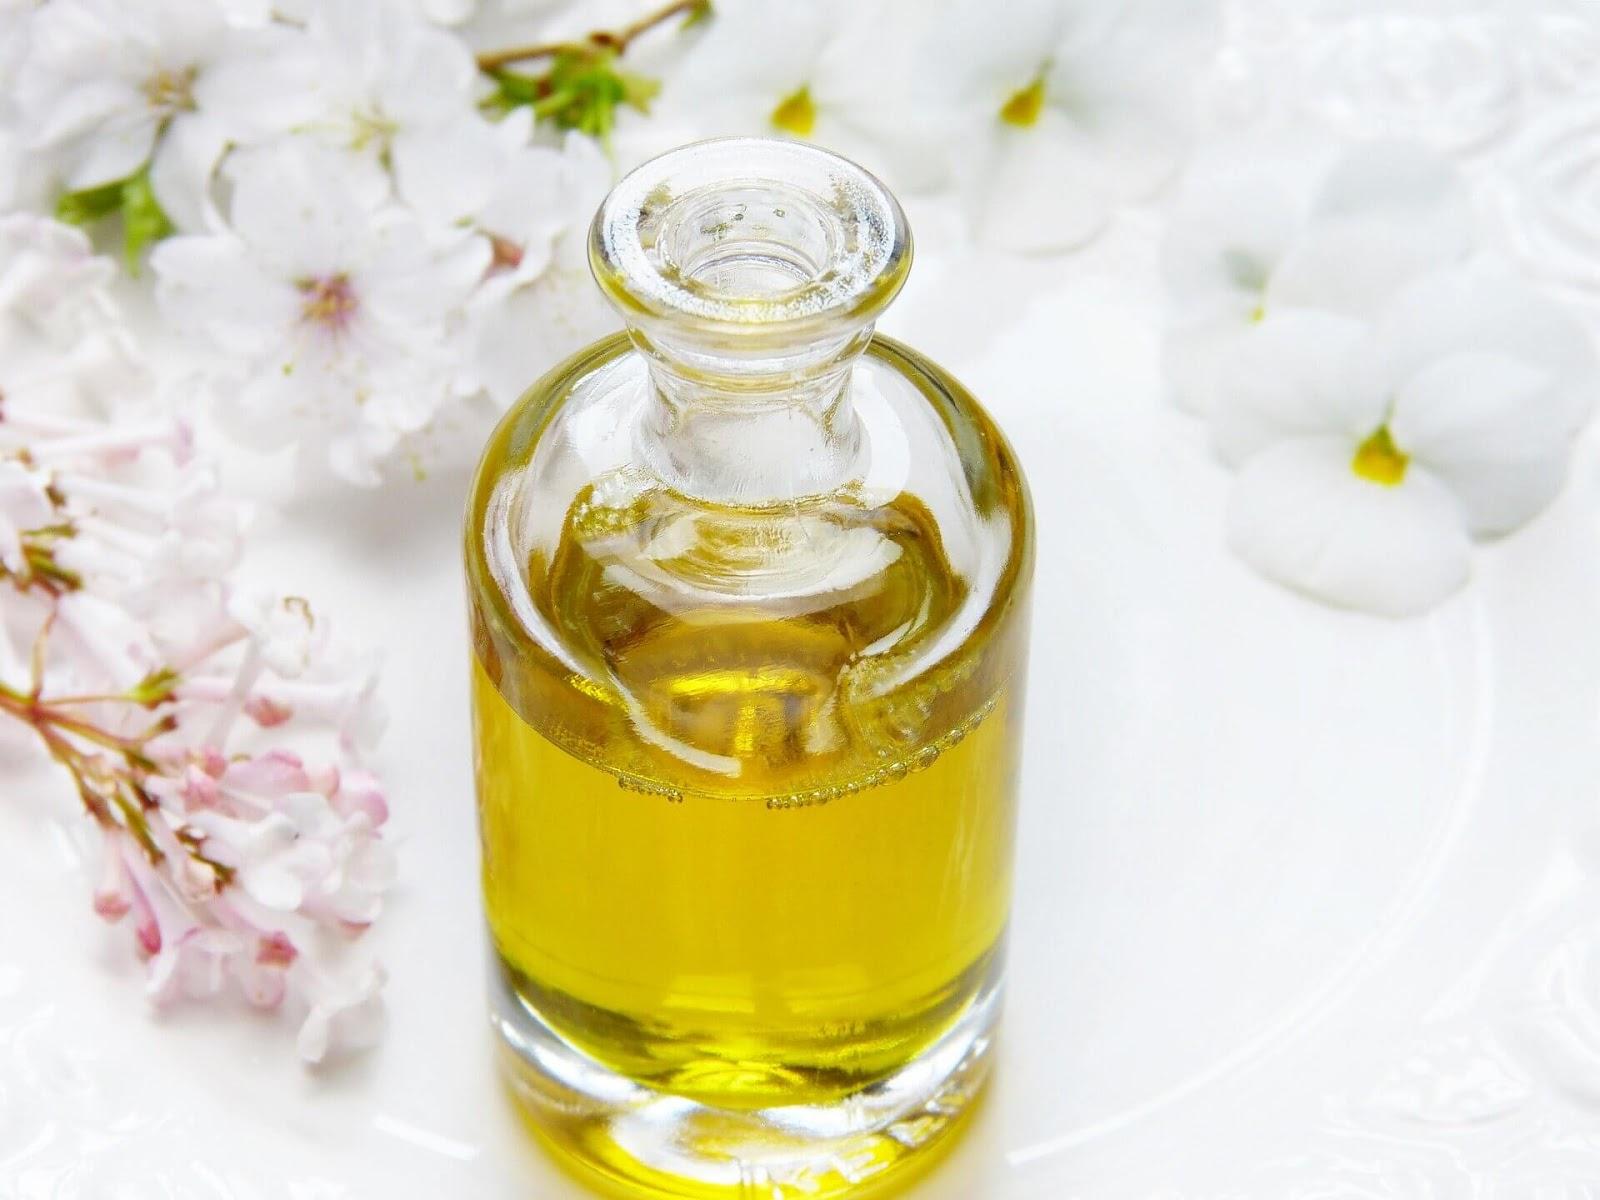 Oleje w kosmetykach - Jakie są rodzaje olei kosmetycznych? Jaki olej do jakiej cery?